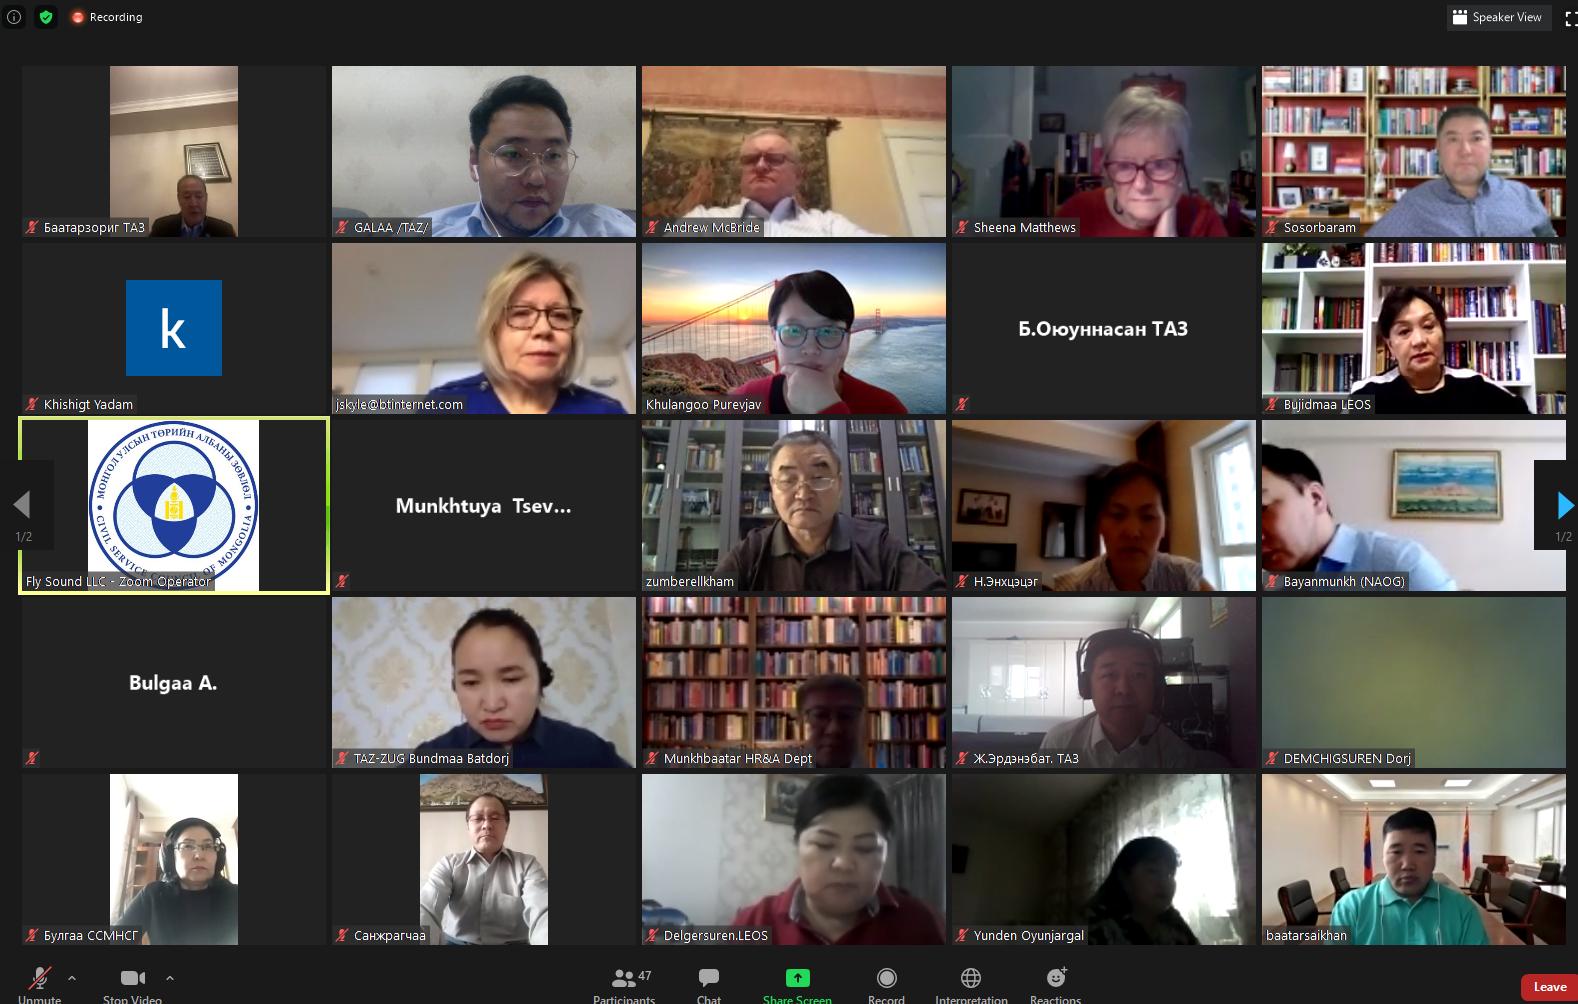 Монгол Улсын Төрийн албаны шинэтгэлд олон улсын зөвлөхүүд хамтарна